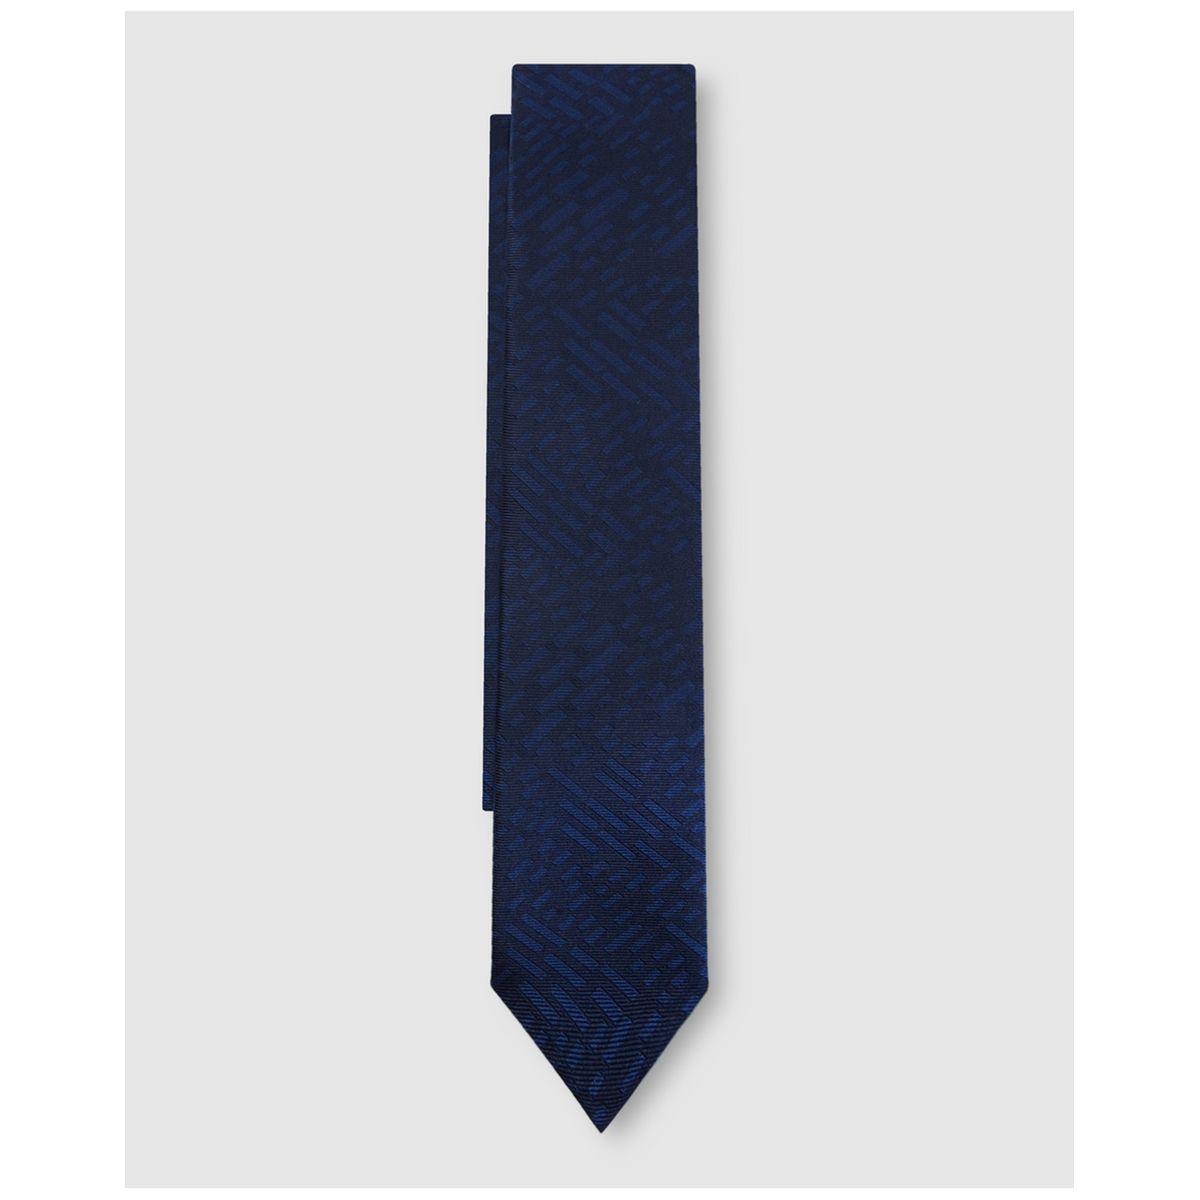 Cravate en soie imprimé fantaisie